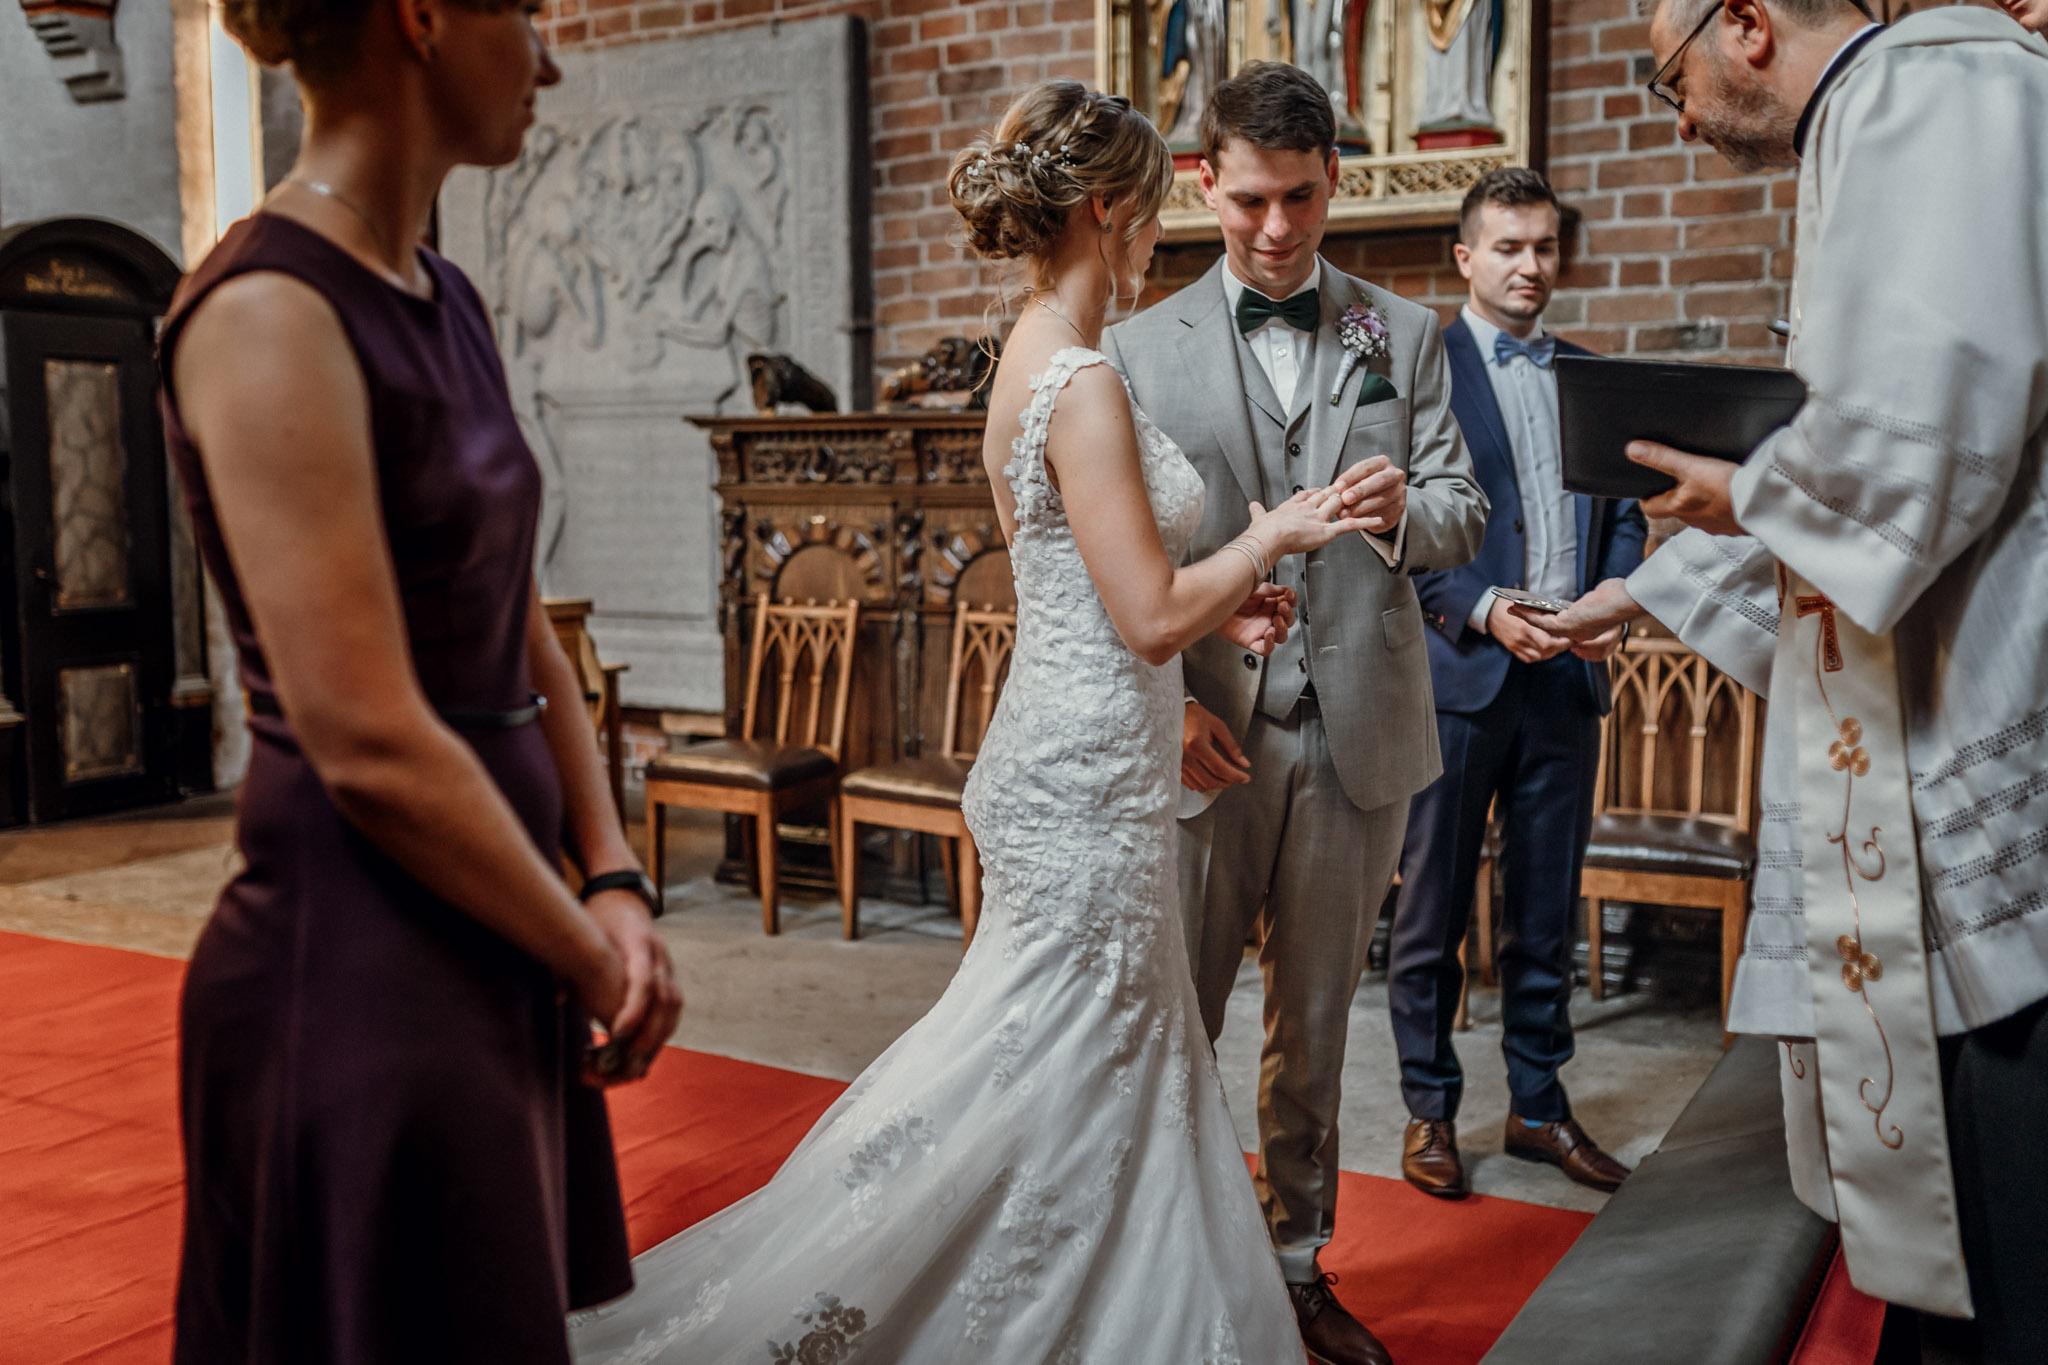 Sven Schomburg Hochzeitsfotografie, Hamburg, Mölln, Hochzeitsfieber by Photo-Schomburg, Hochzeitsreportage, Forsthaus Waldhusen, Braut, Bräutigam-38